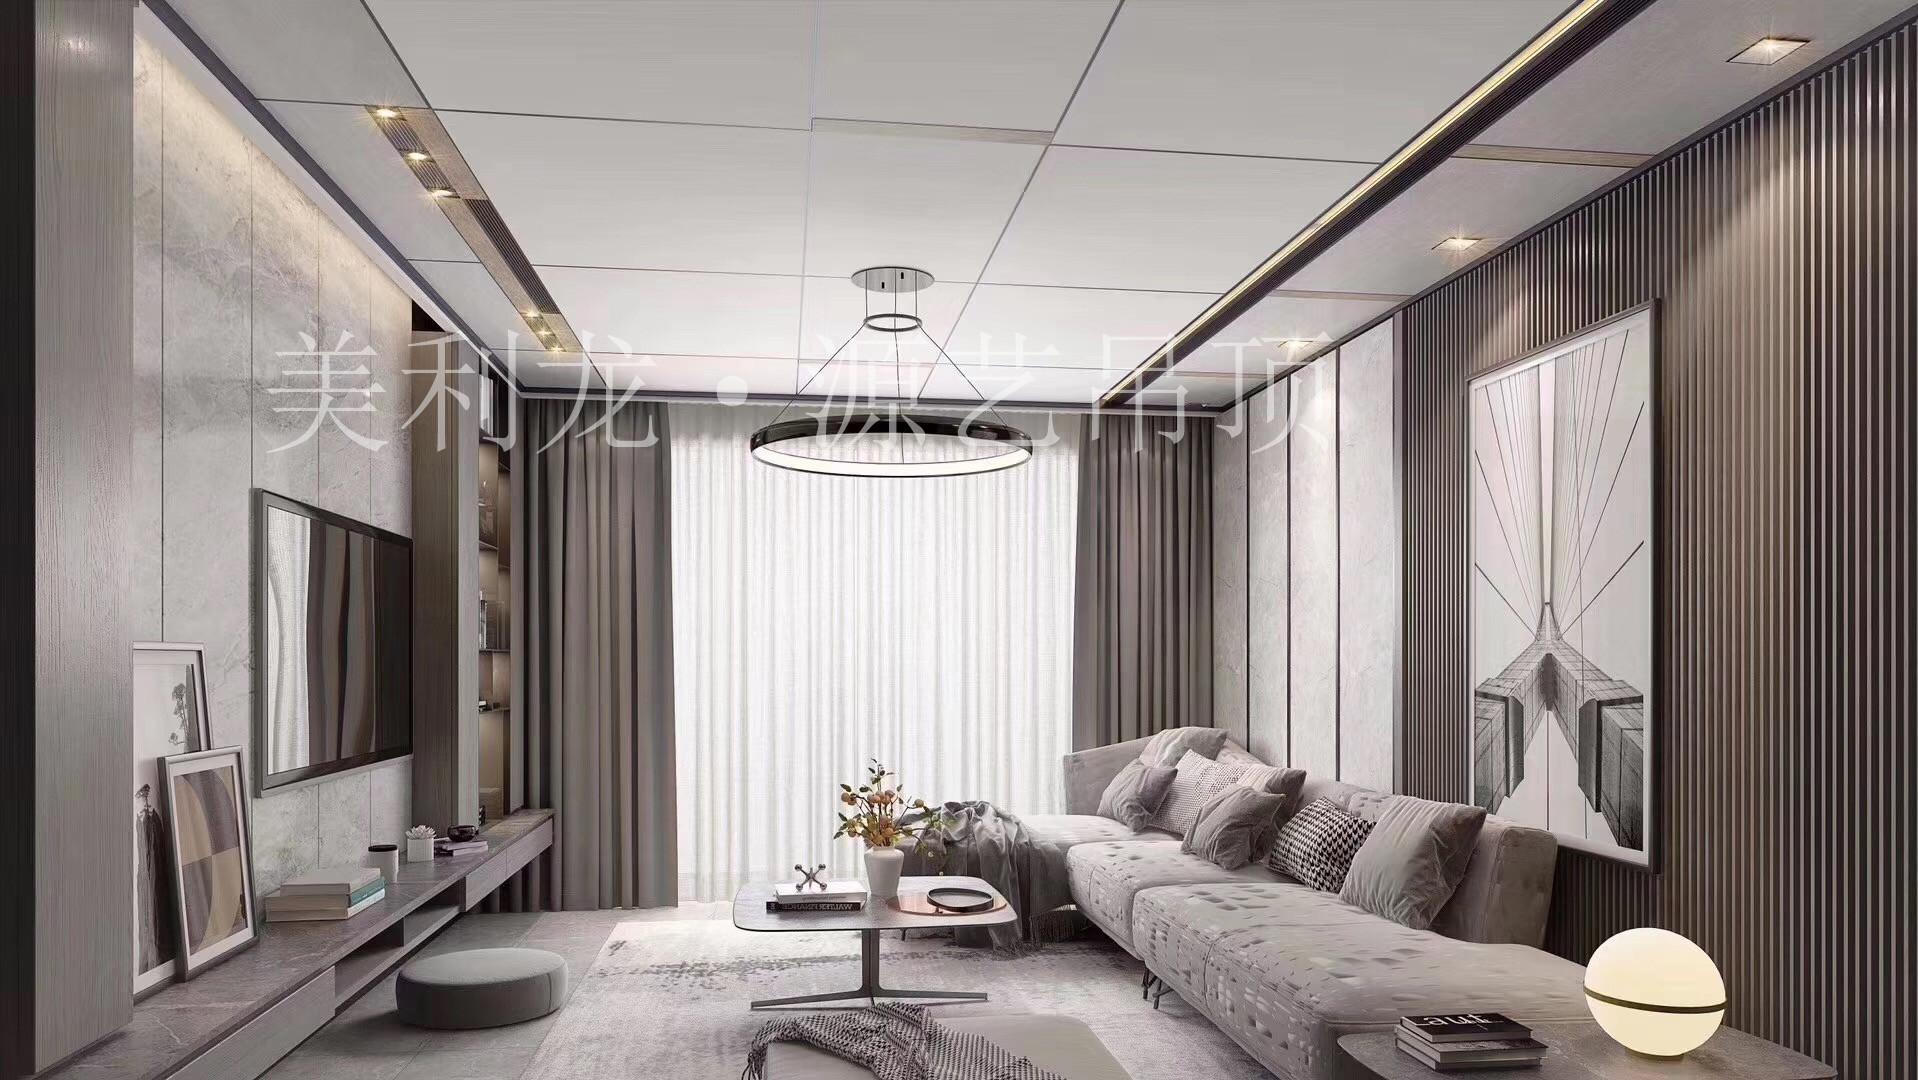 家里用铝蜂窝板这样做吊顶,没想到效果竟然这么好!